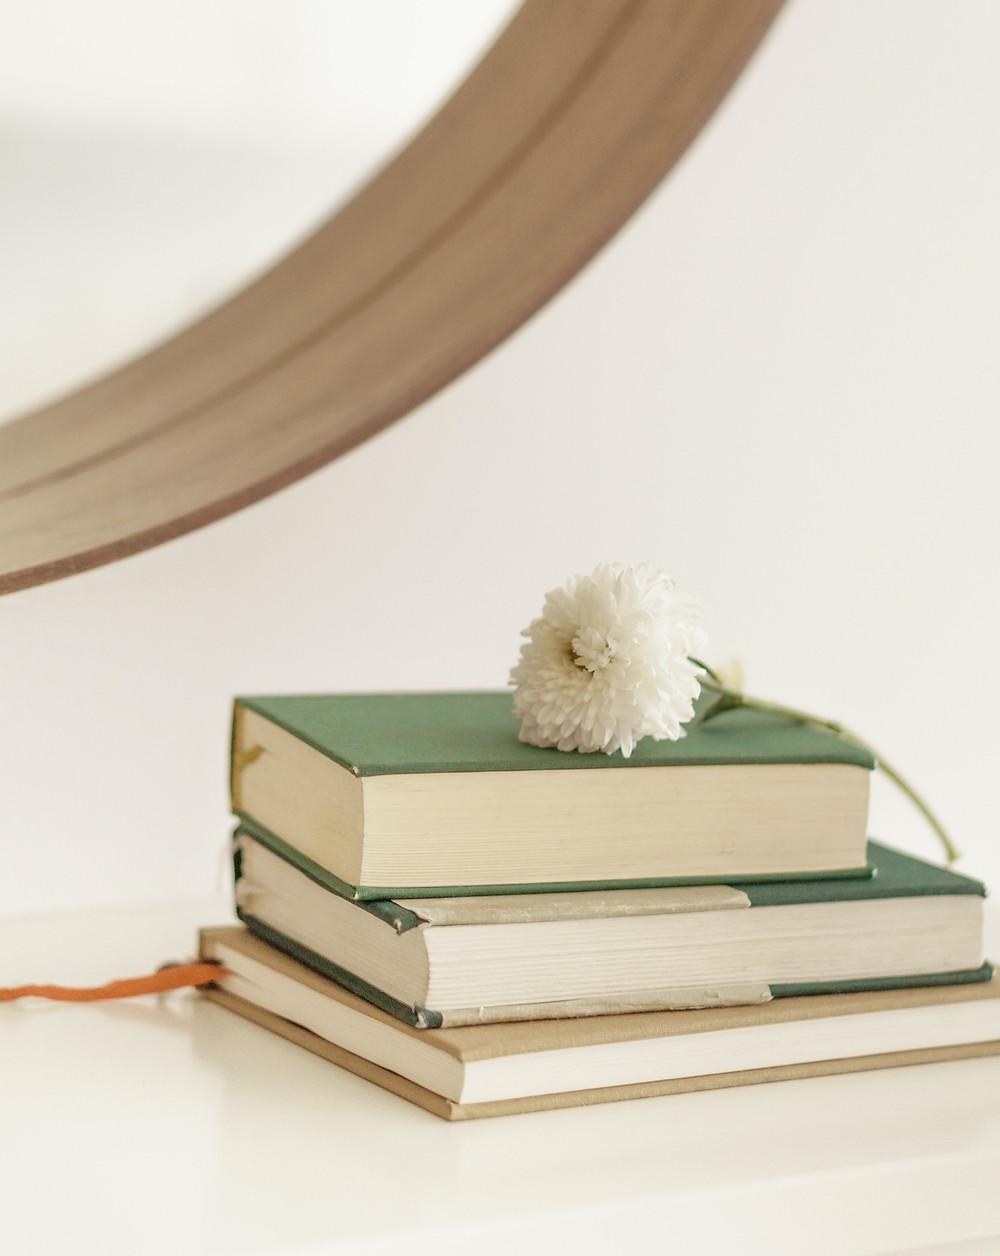 Pilha com três livros sobre uma mesa branca. Sobre os livros uma flor de cravo. Ao fundo o canto de um espelho.